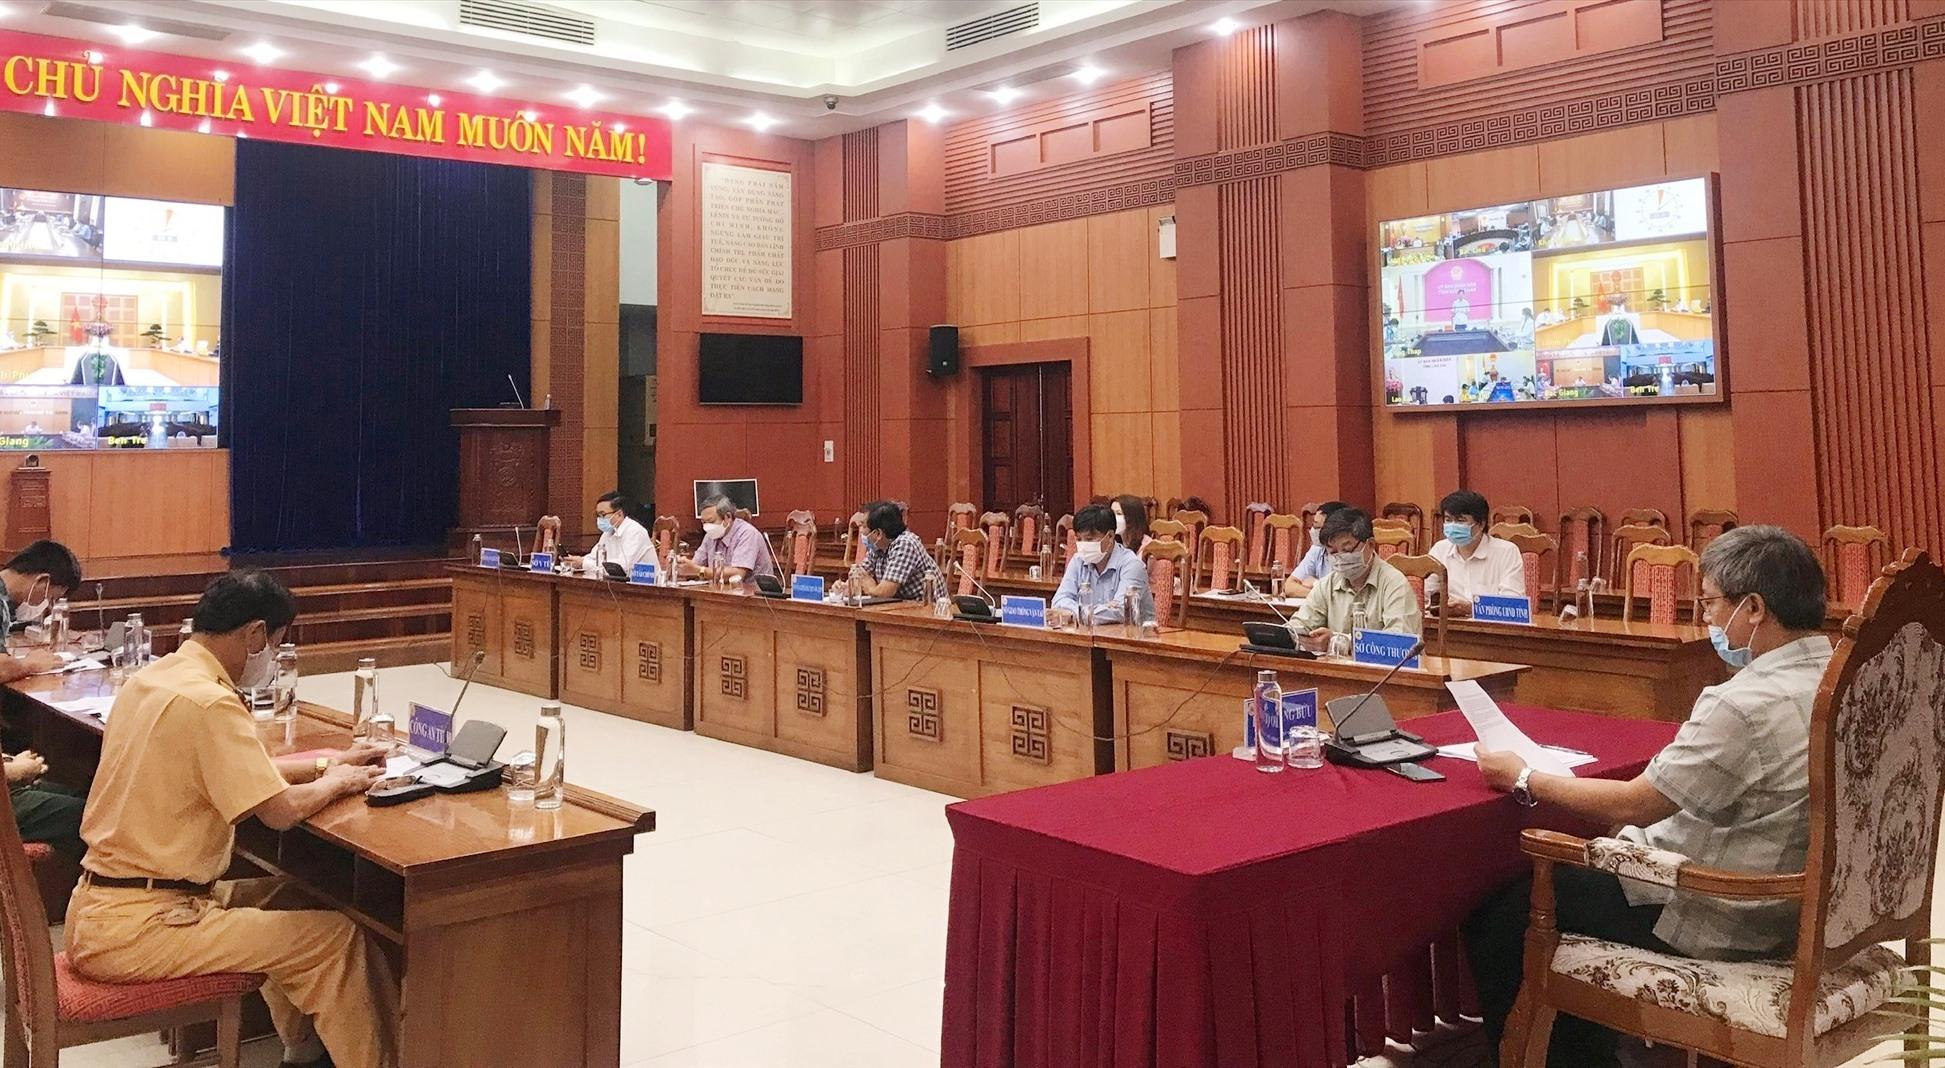 Tham dự hội nghị tại điểm cầu Quảng Nam có Phó Chủ tịch UBND tỉnh Hồ Quang Bửu cùng lãnh đạo các sở, ban ngành liên quan. Ảnh: N.P